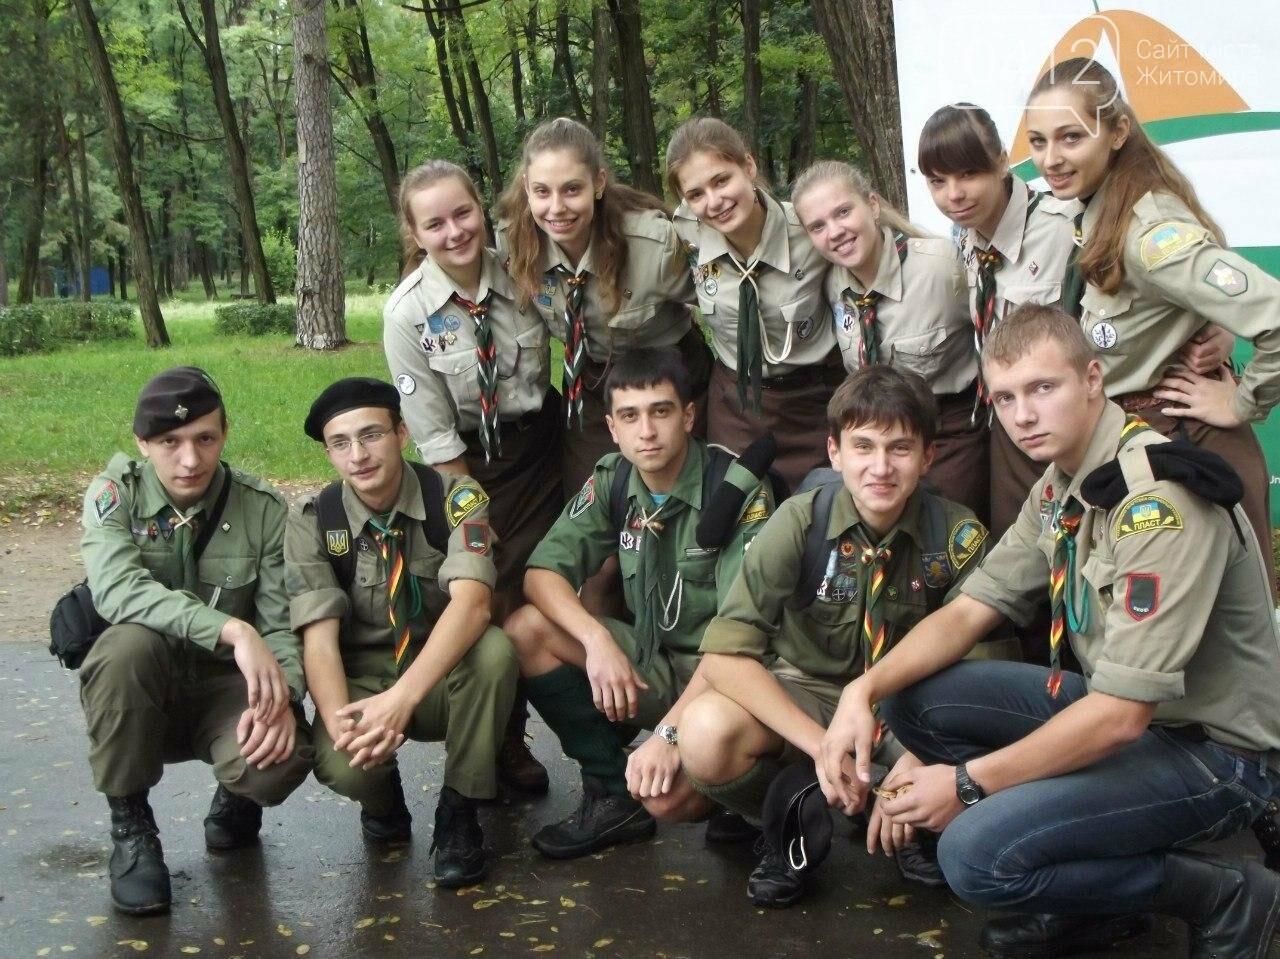 У Житомирі відбудеться семінар про найбільшу молодіжну організацію країни Пласт, фото-1